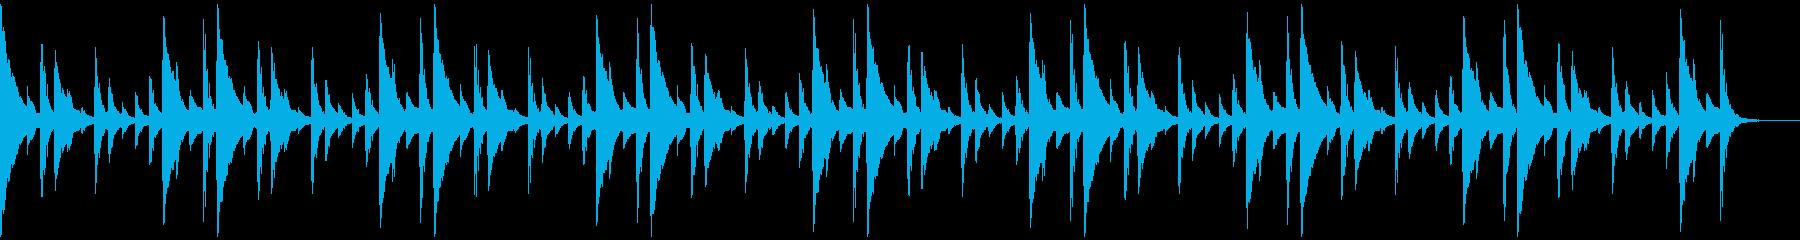 サンバのリズムパターンの再生済みの波形